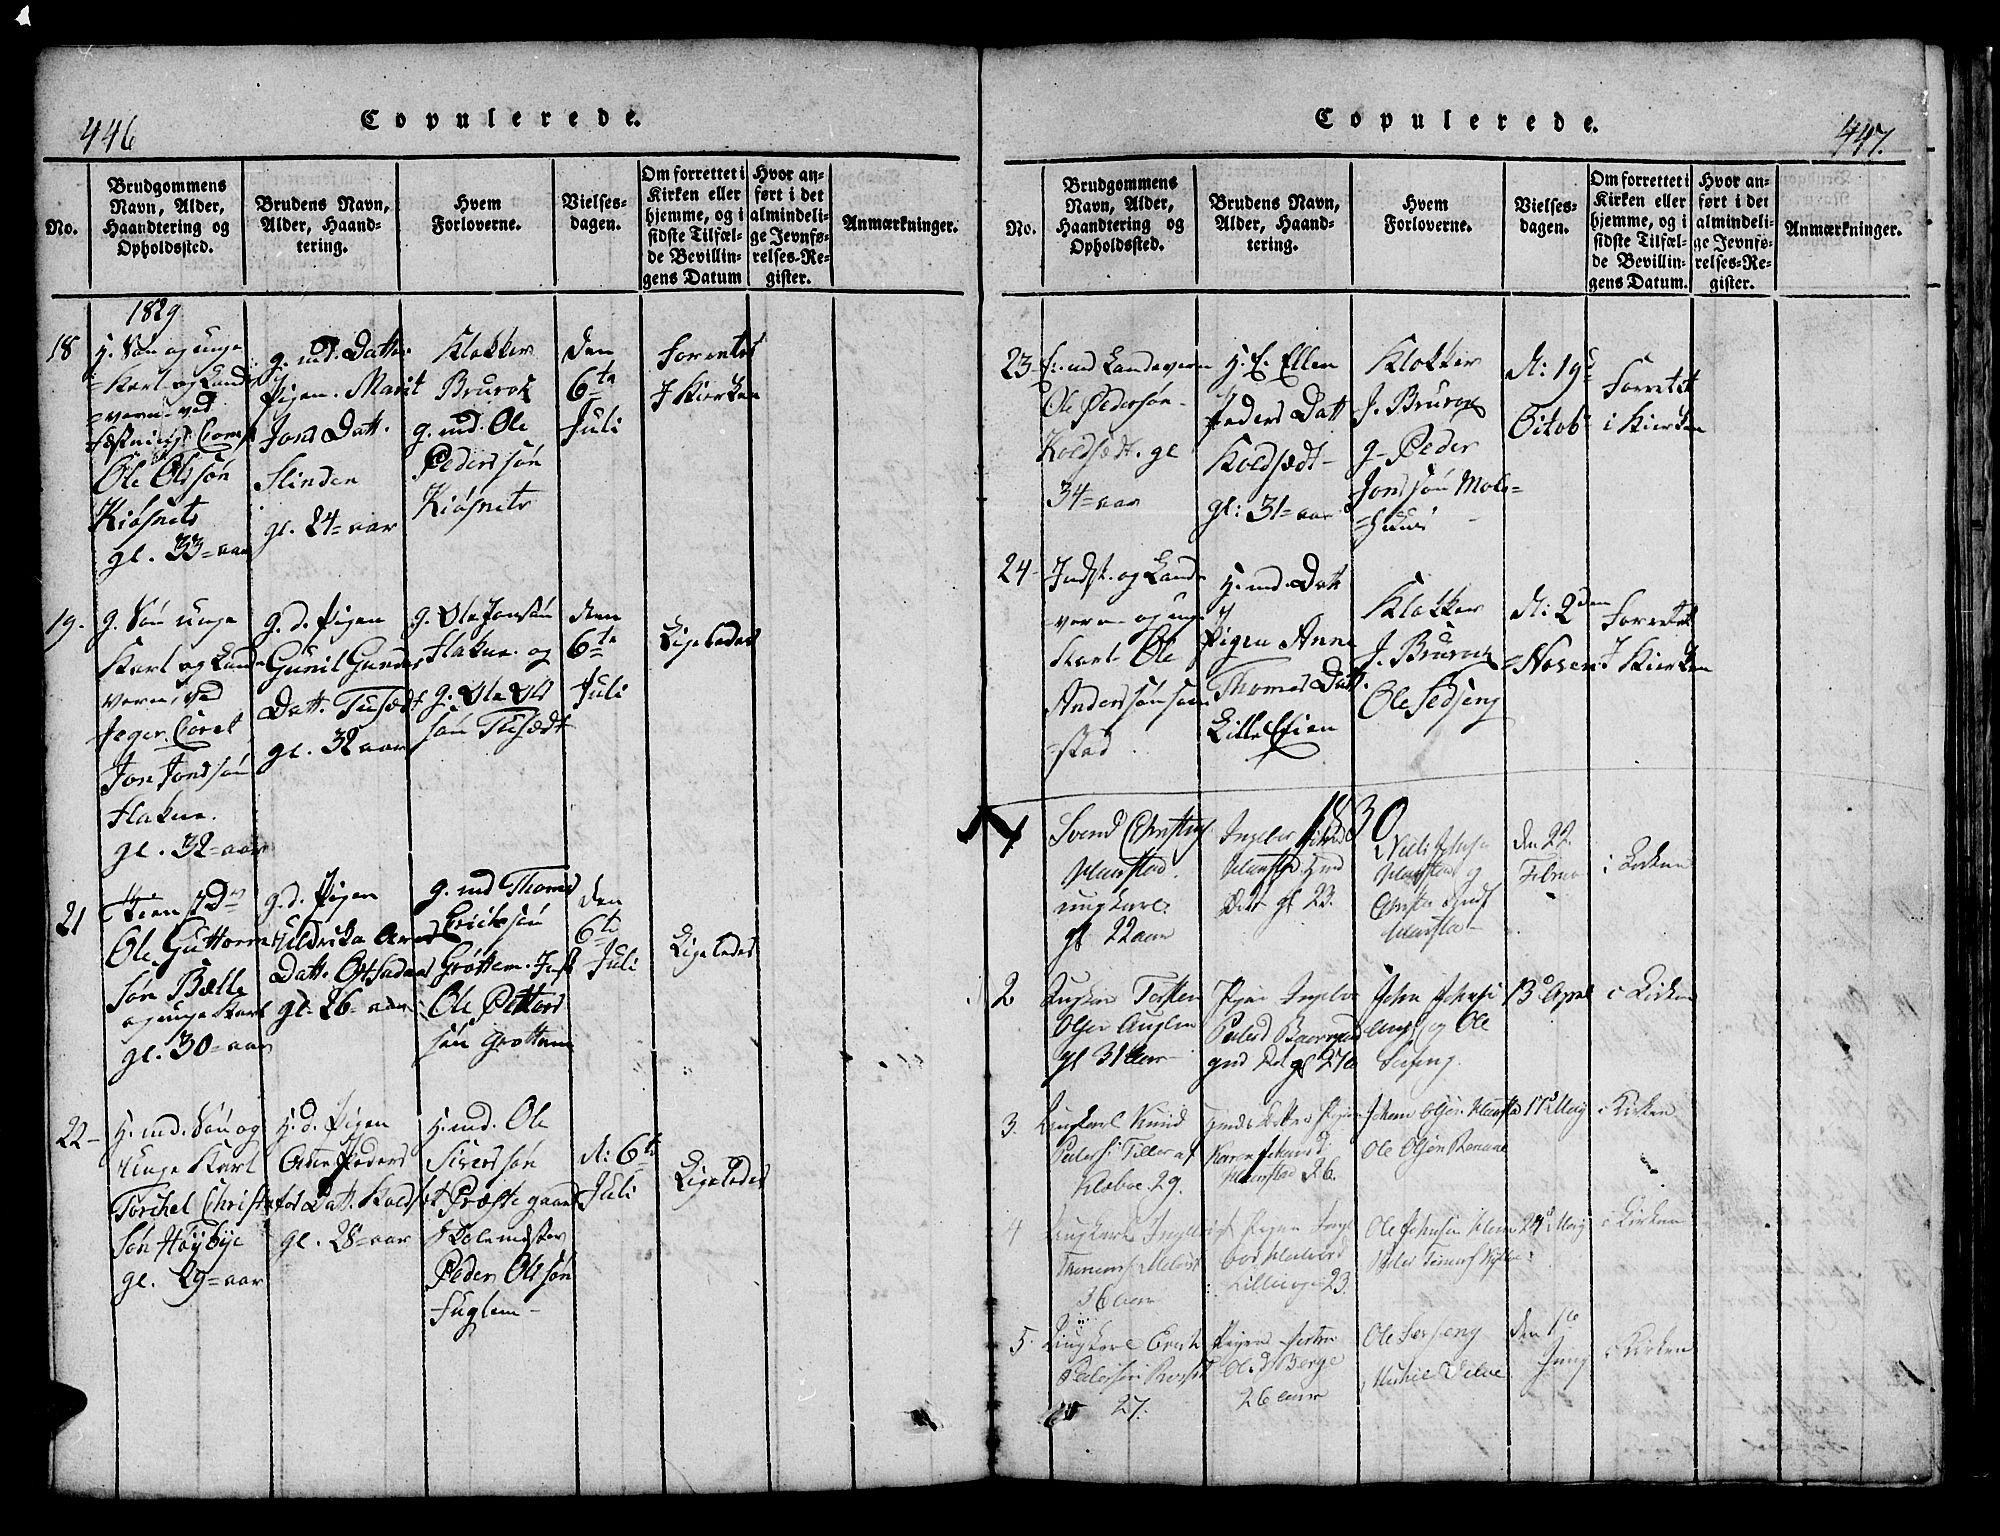 SAT, Ministerialprotokoller, klokkerbøker og fødselsregistre - Sør-Trøndelag, 695/L1152: Klokkerbok nr. 695C03, 1816-1831, s. 446-447